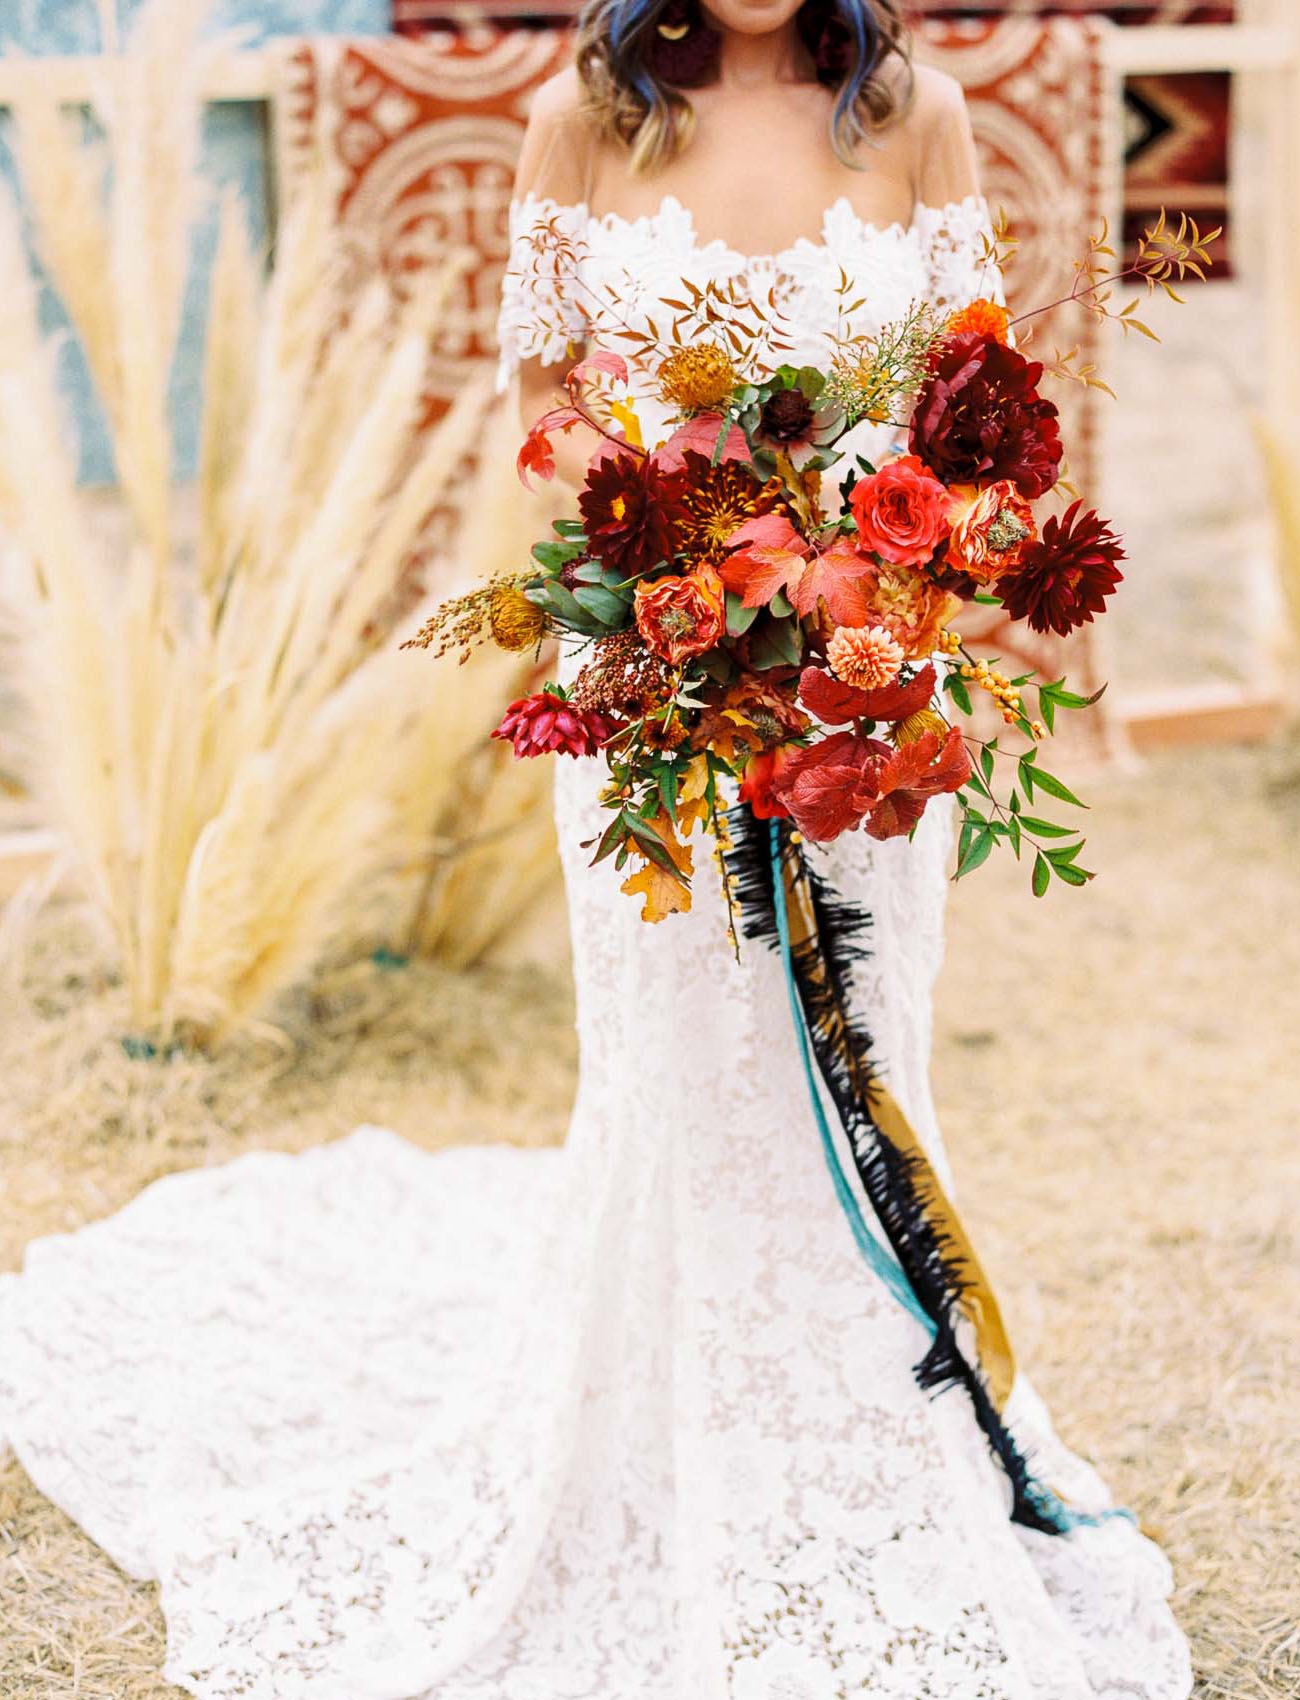 Bruidsboeket donkerrood